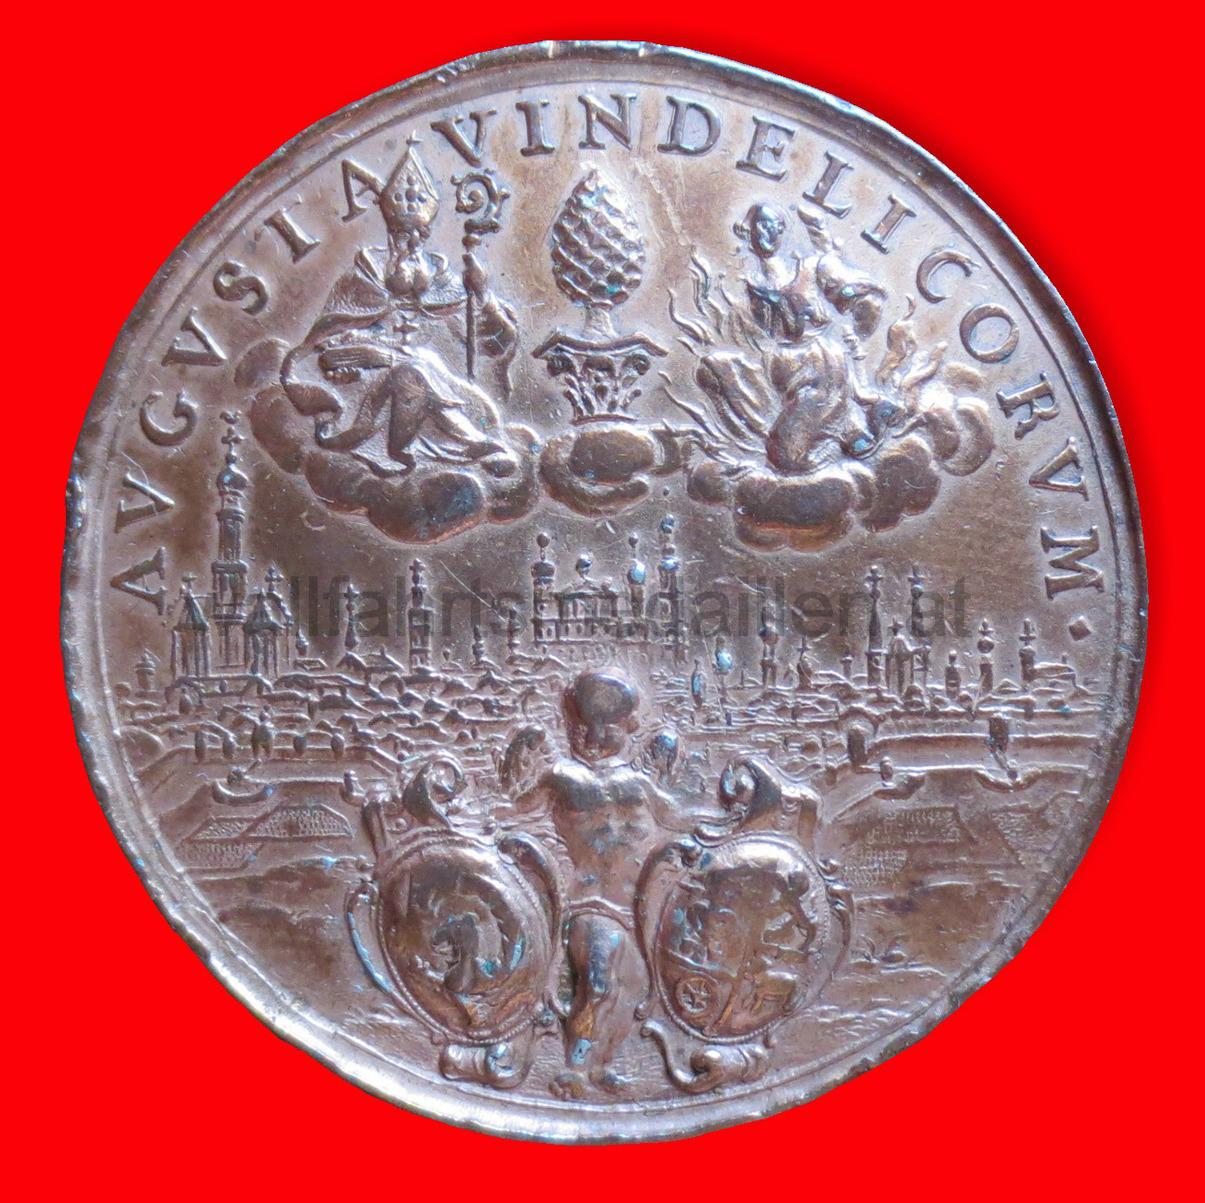 Schau Münze